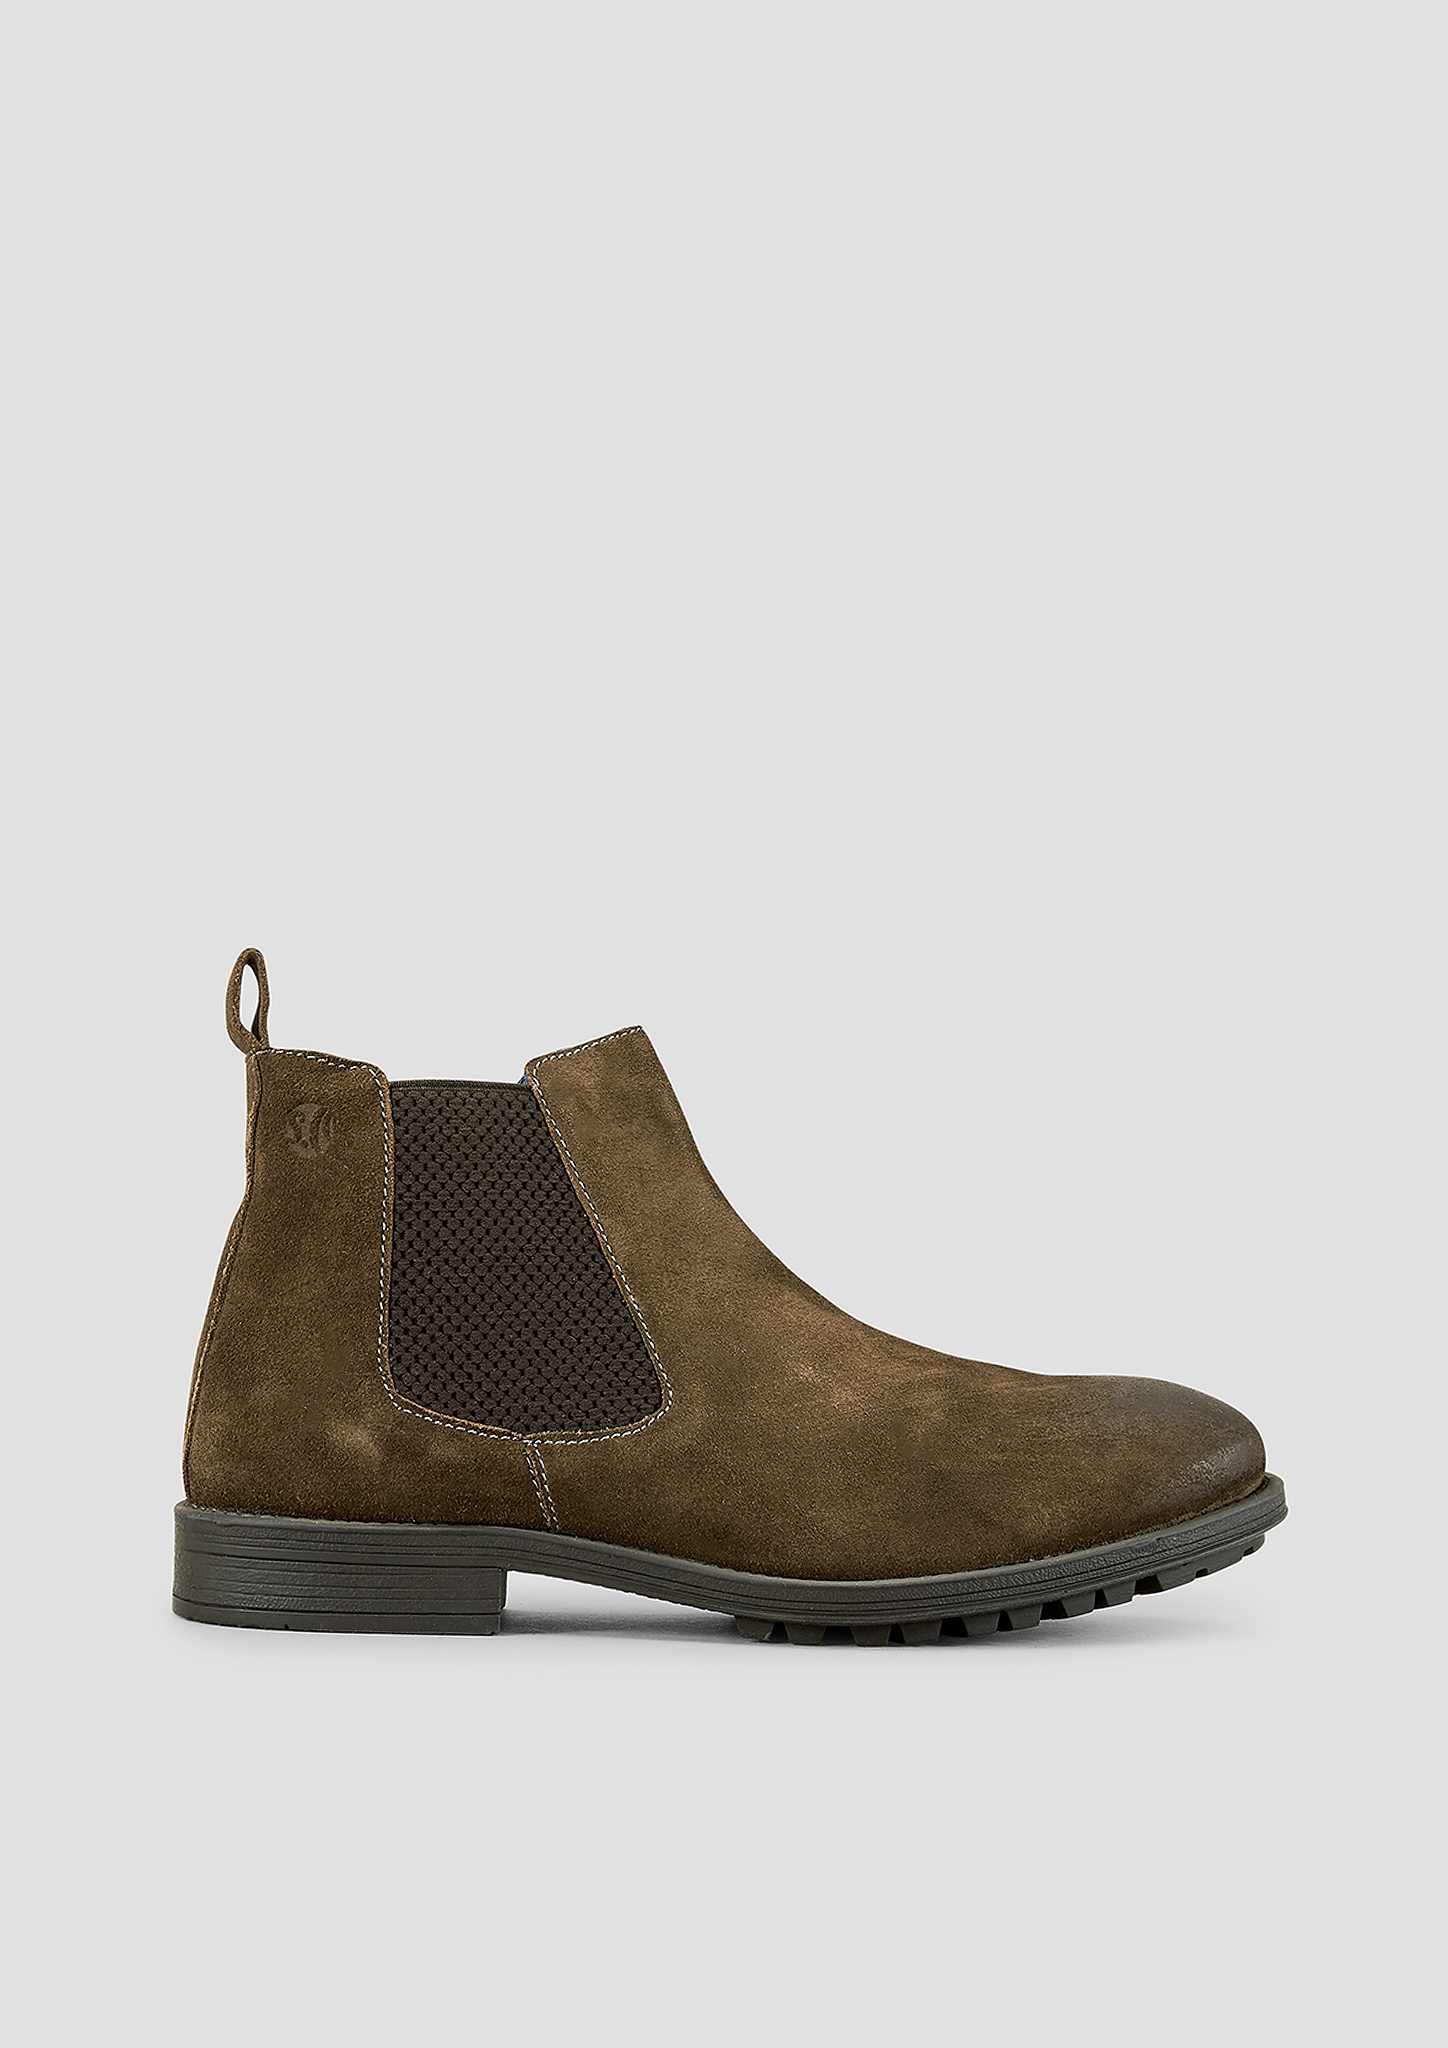 Stiefel | Schuhe | Braun | Obermaterial aus leder| futter aus textil und leder| decksohle aus leder| laufsohle aus synthetik | s.Oliver